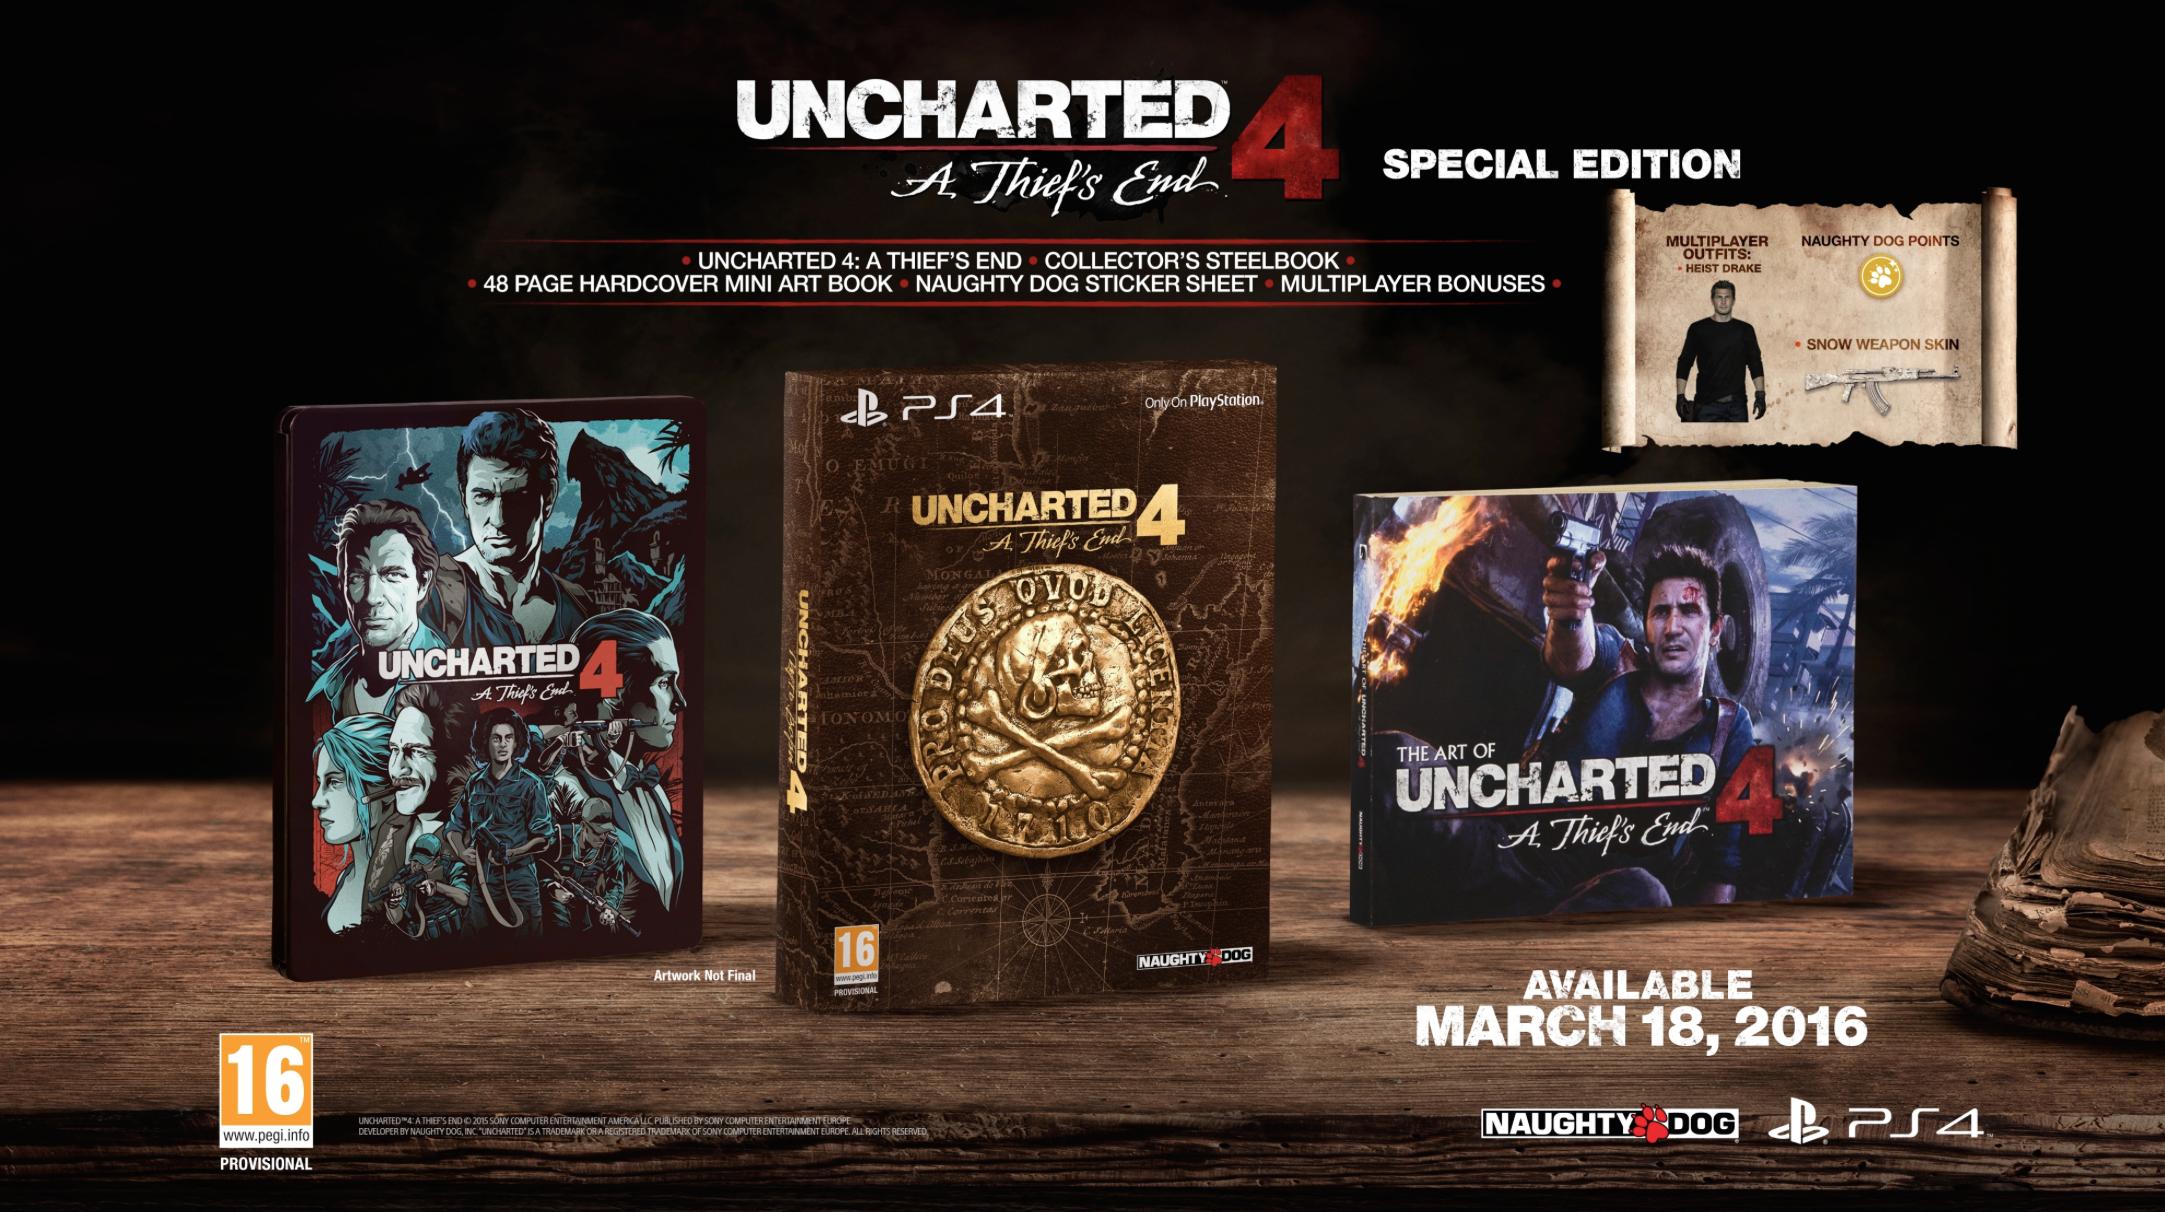 Uncharted-4-Date-Sortie-3-Bis